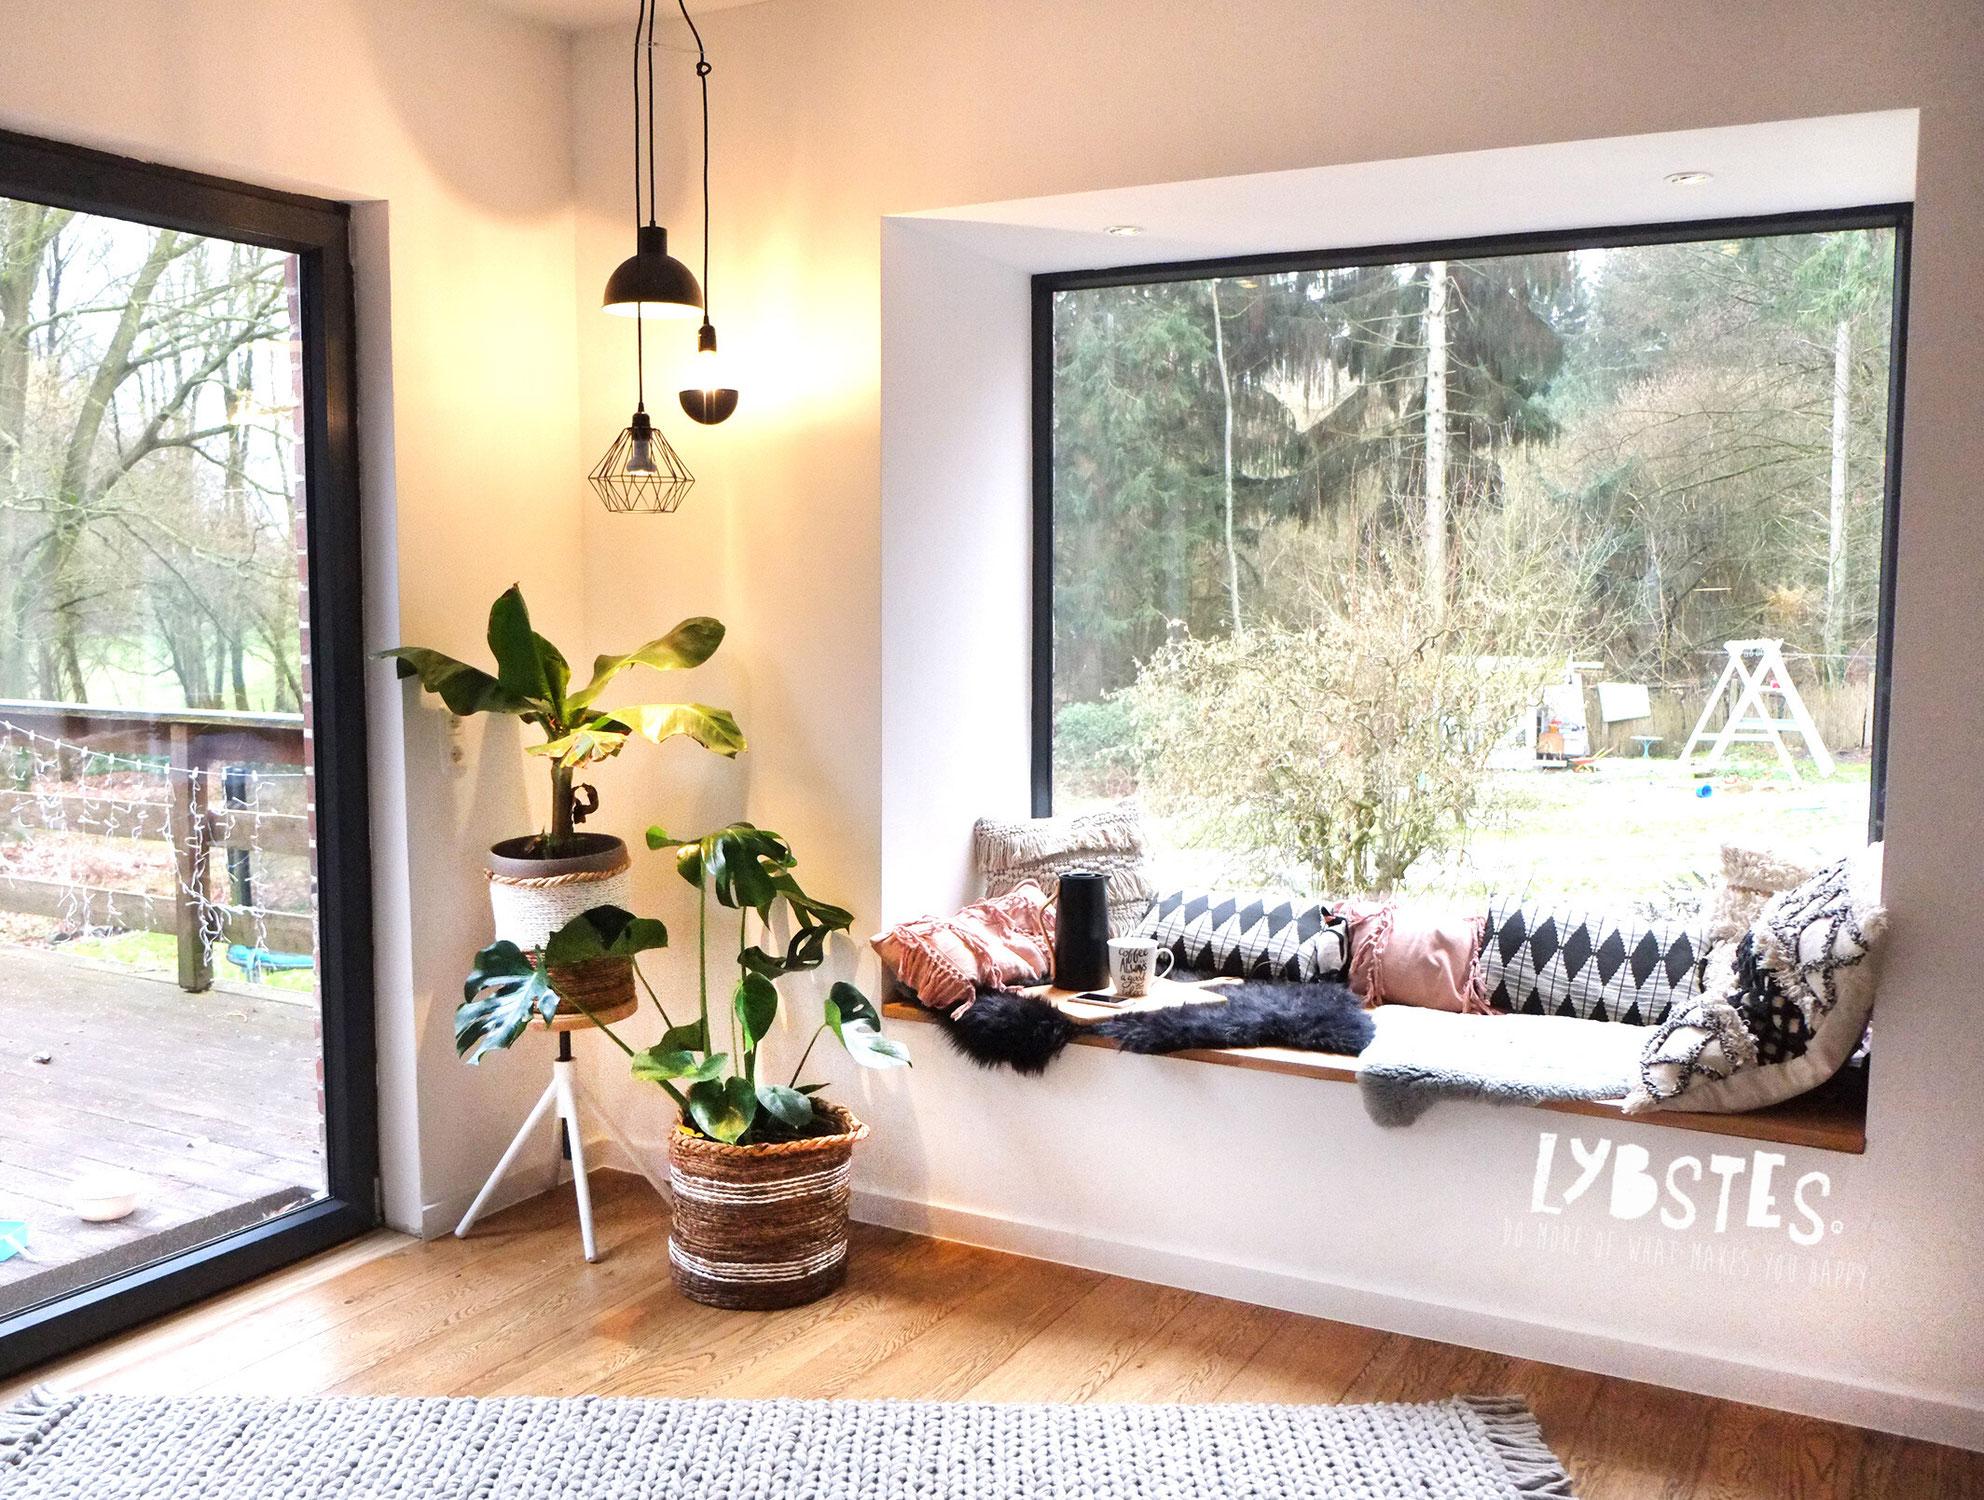 Unser Haus: Lieblingsplatz Sitzfenster